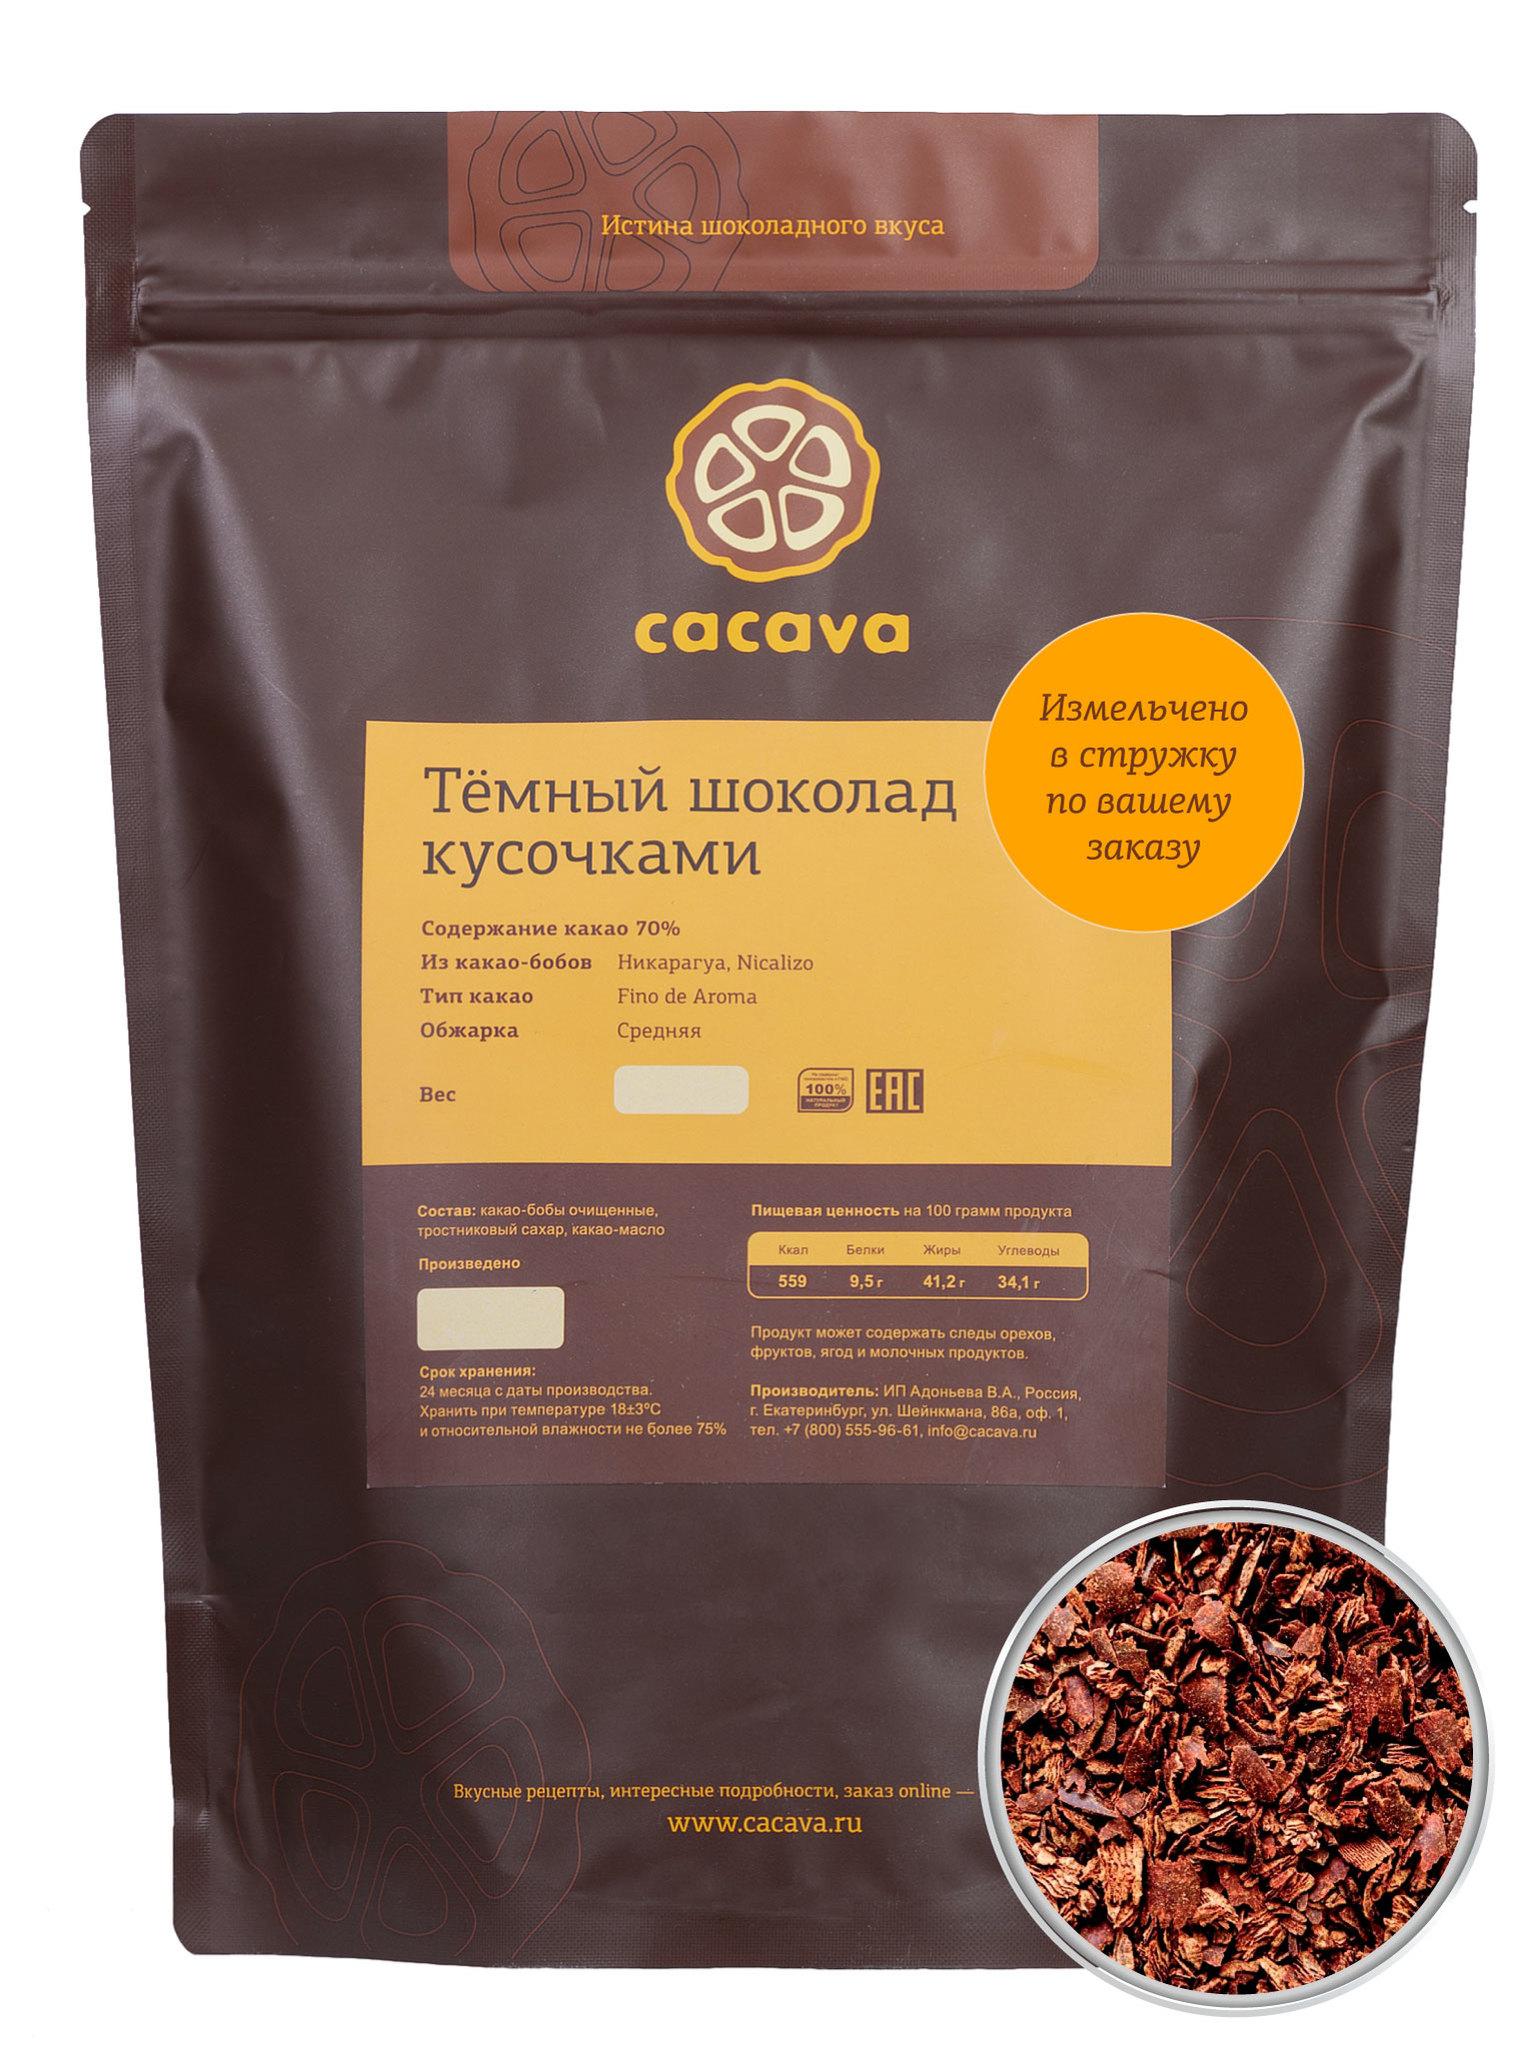 Тёмный шоколад 70 % какао в стружке (Никарагуа, Nicalizo), упаковка 1 кг